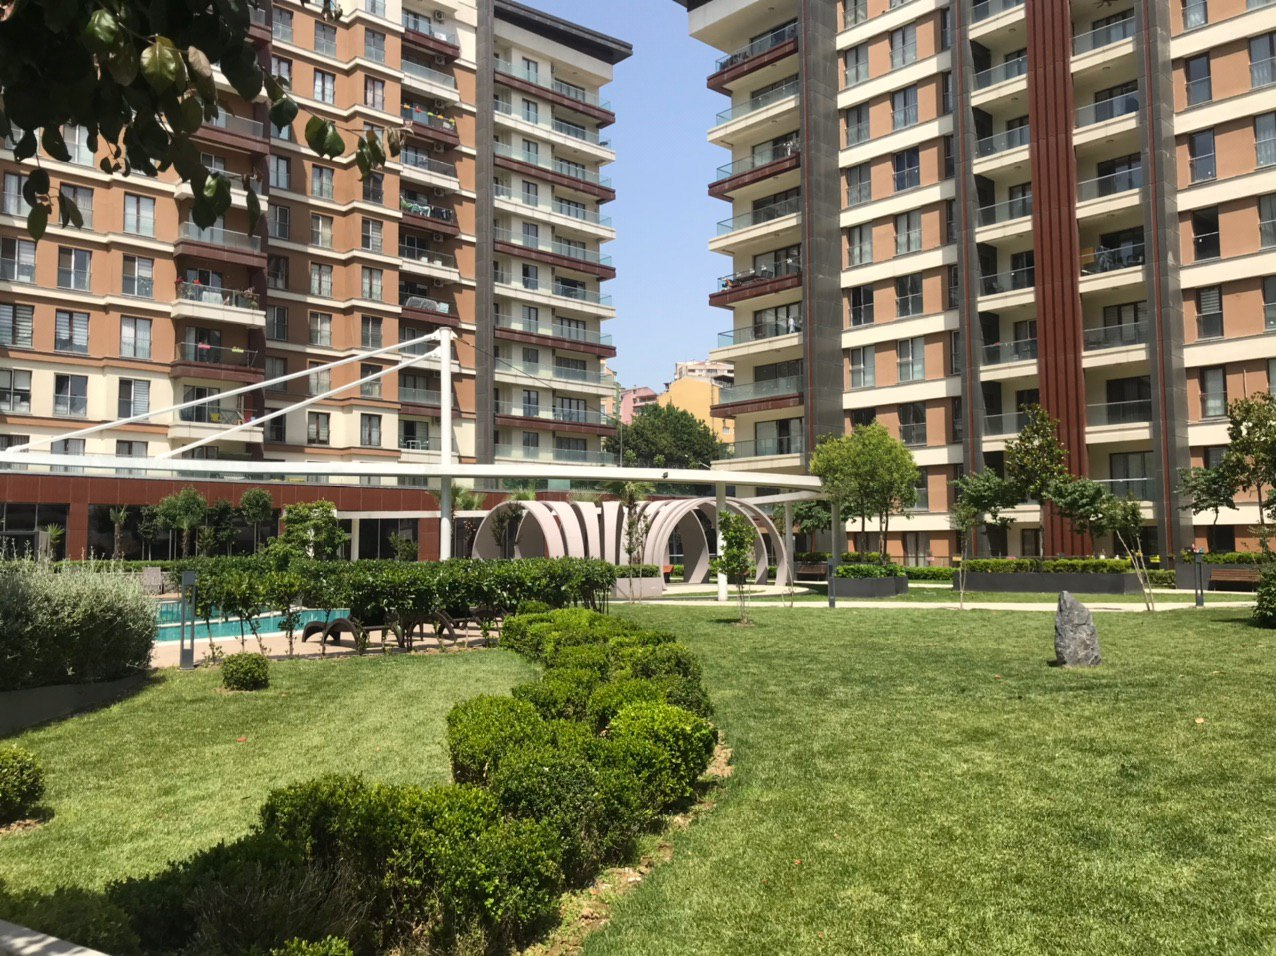 Апартаменты в жилом комплексе Стамбула - Фото 16